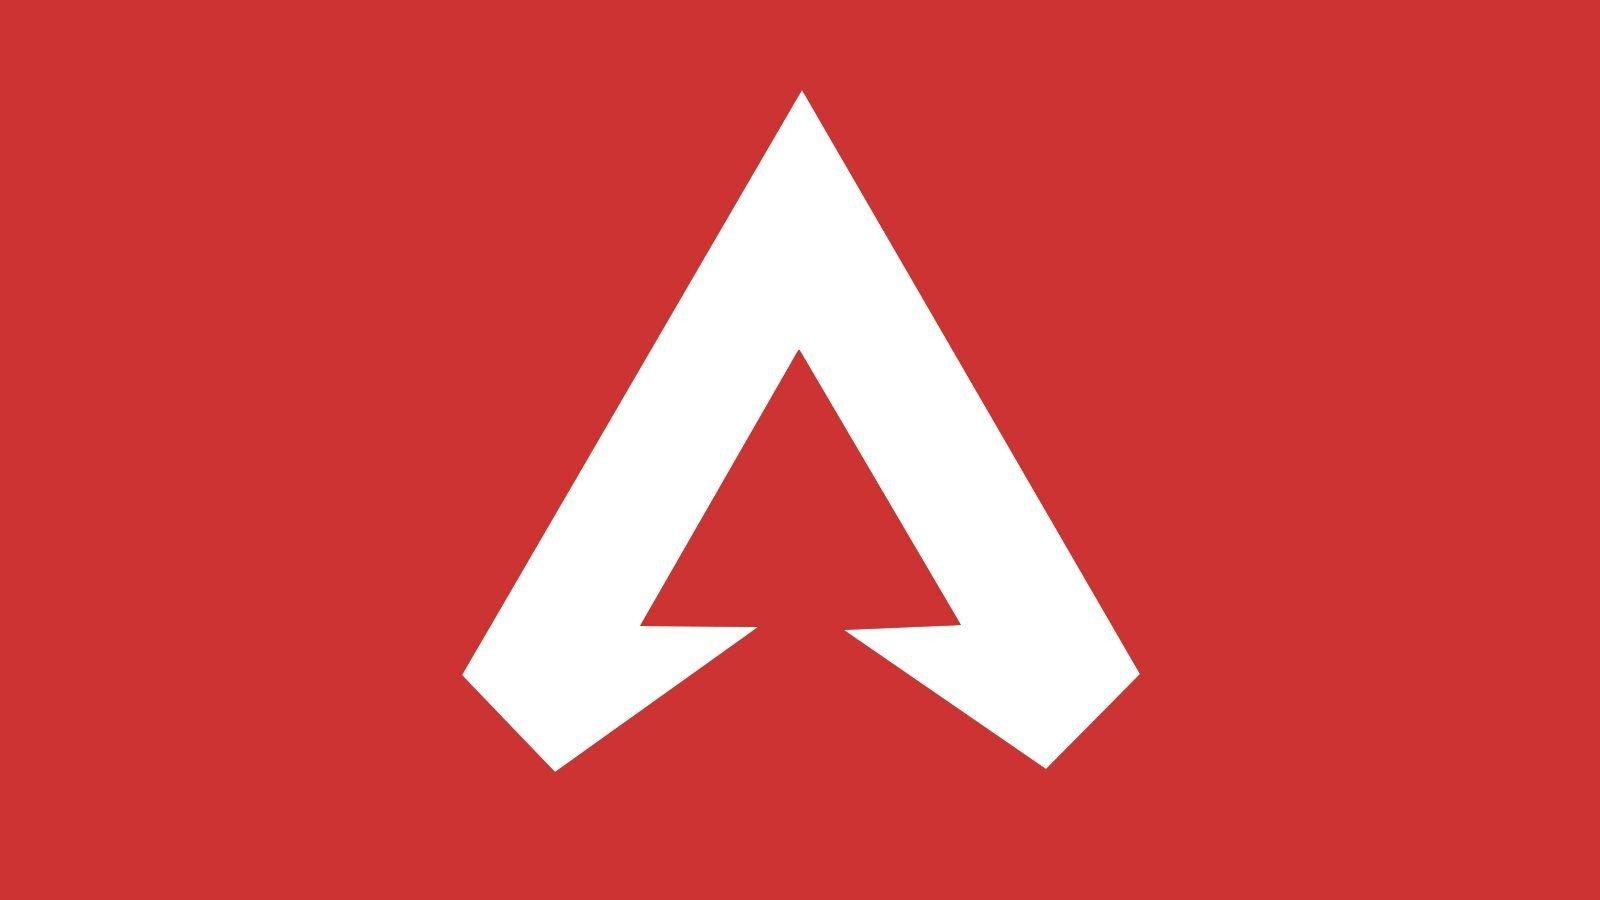 Читерам в Apex Legends приходится туго забанили уже 16 тысяч